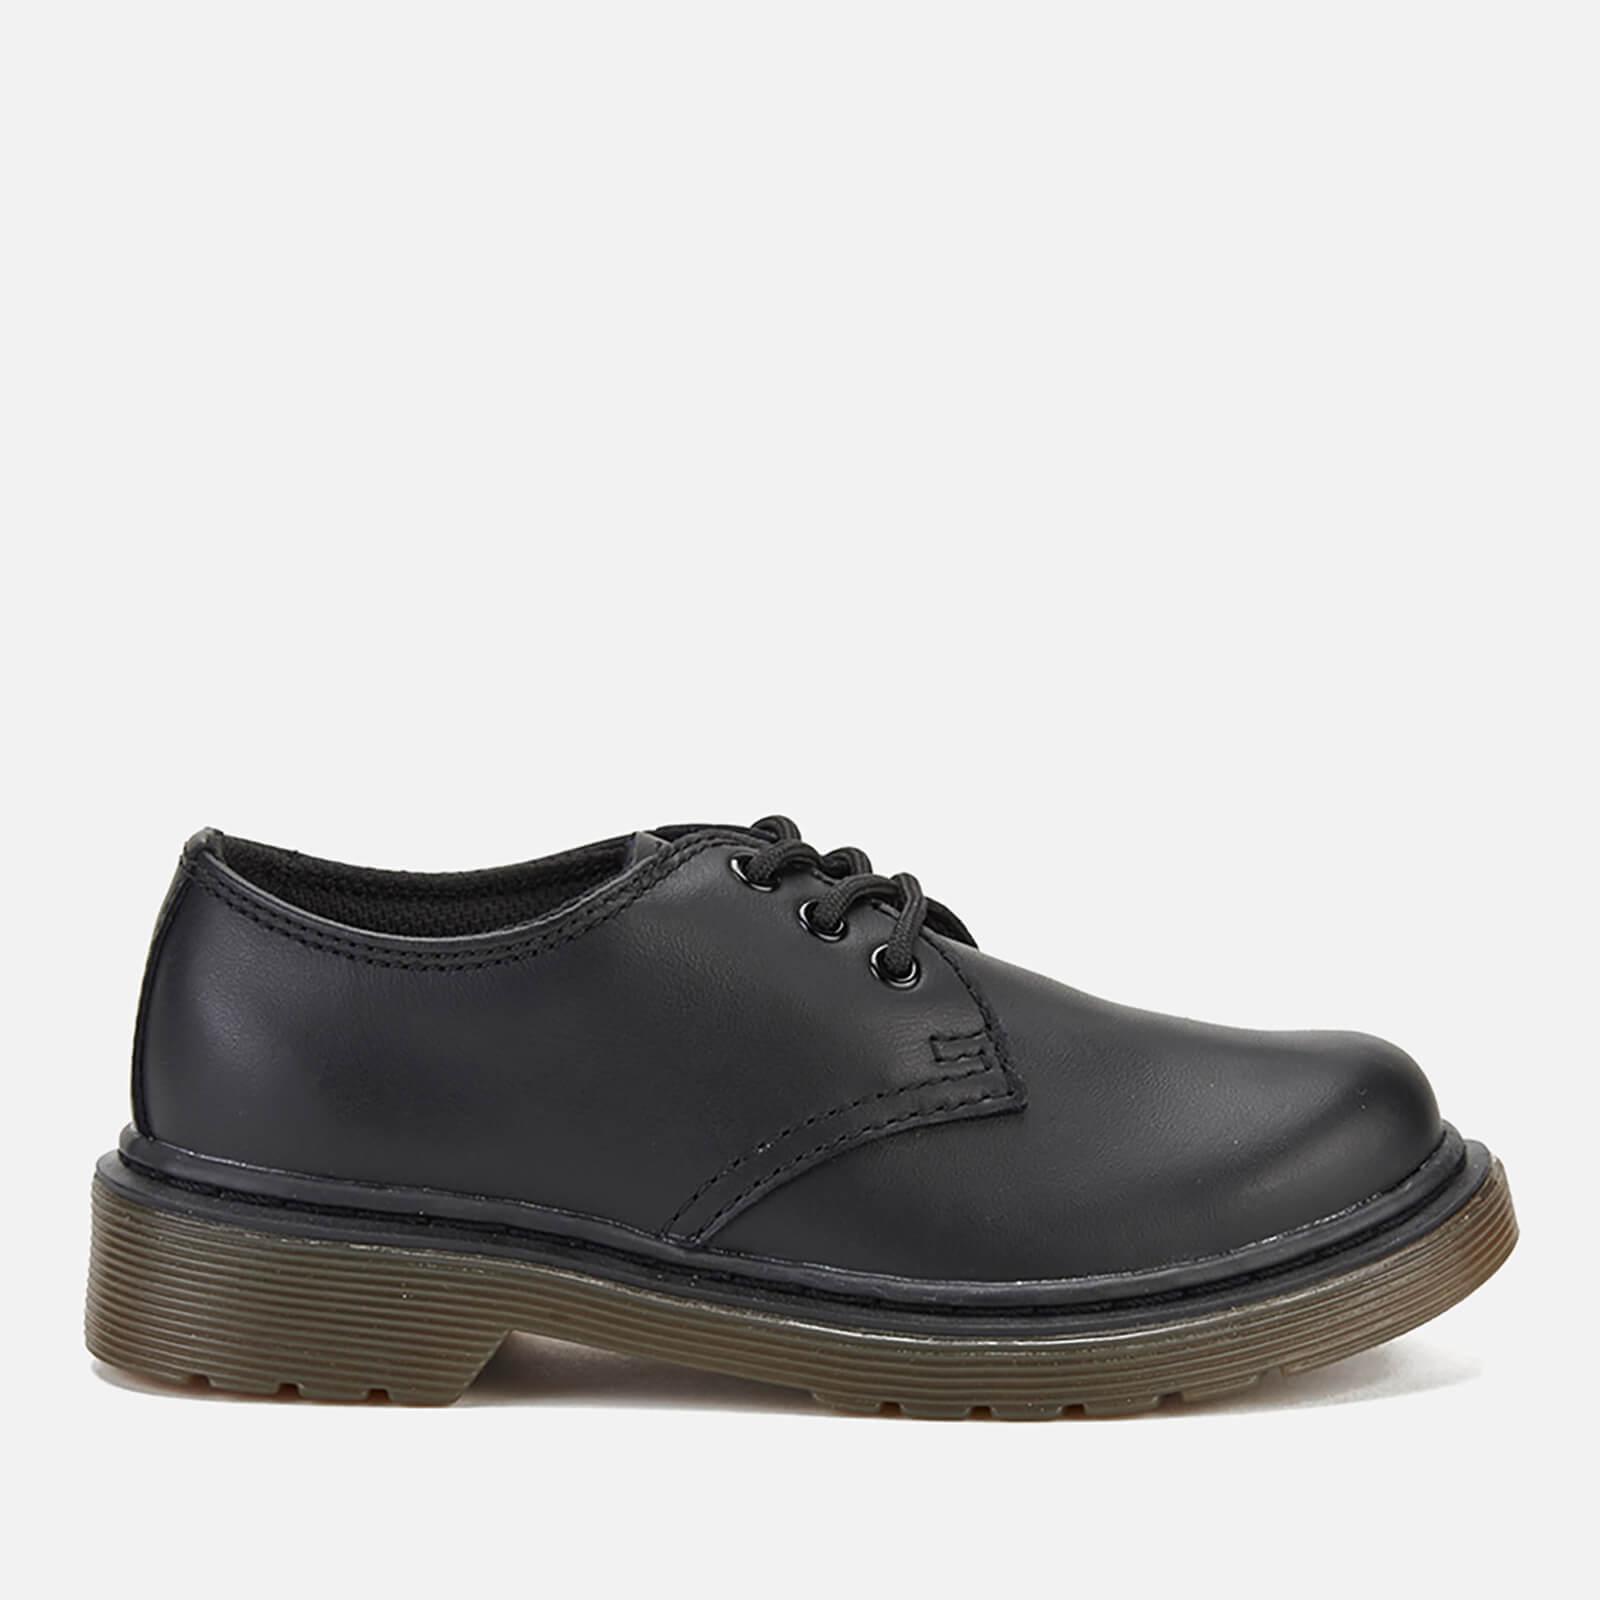 Dr. Martens Kids' Everley Leather 3-Eye Shoes - Black - UK 1 Kids - Black